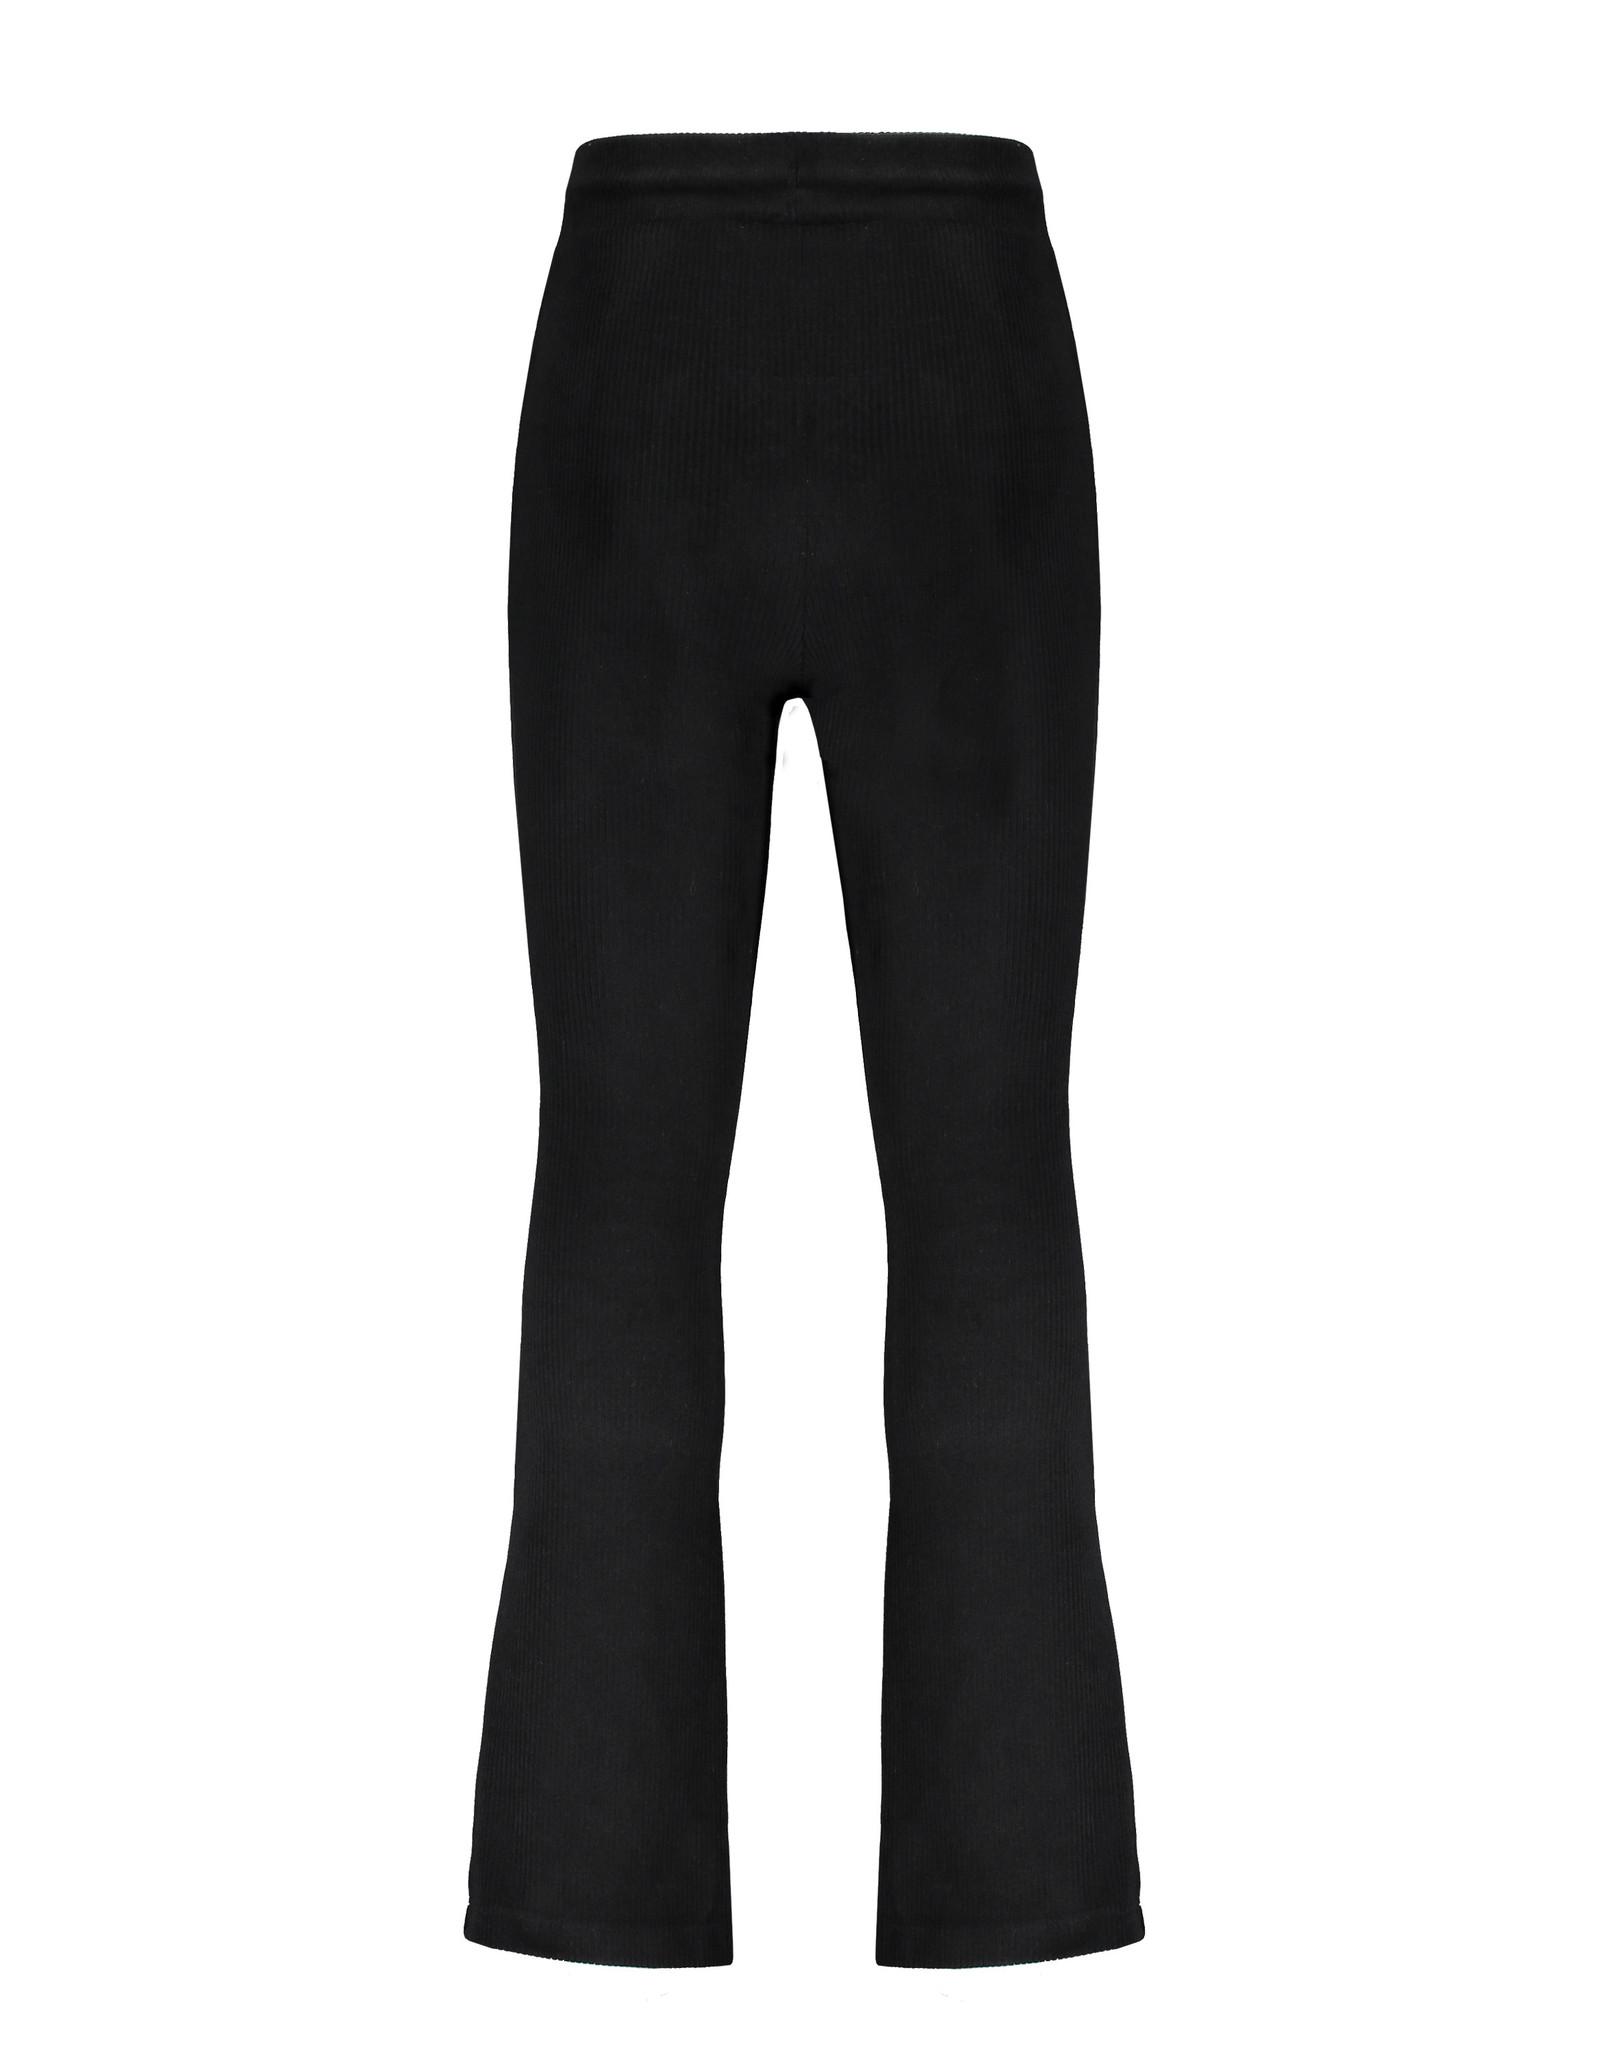 NONO NoNo Sam Velours Flared Pants Jet Black